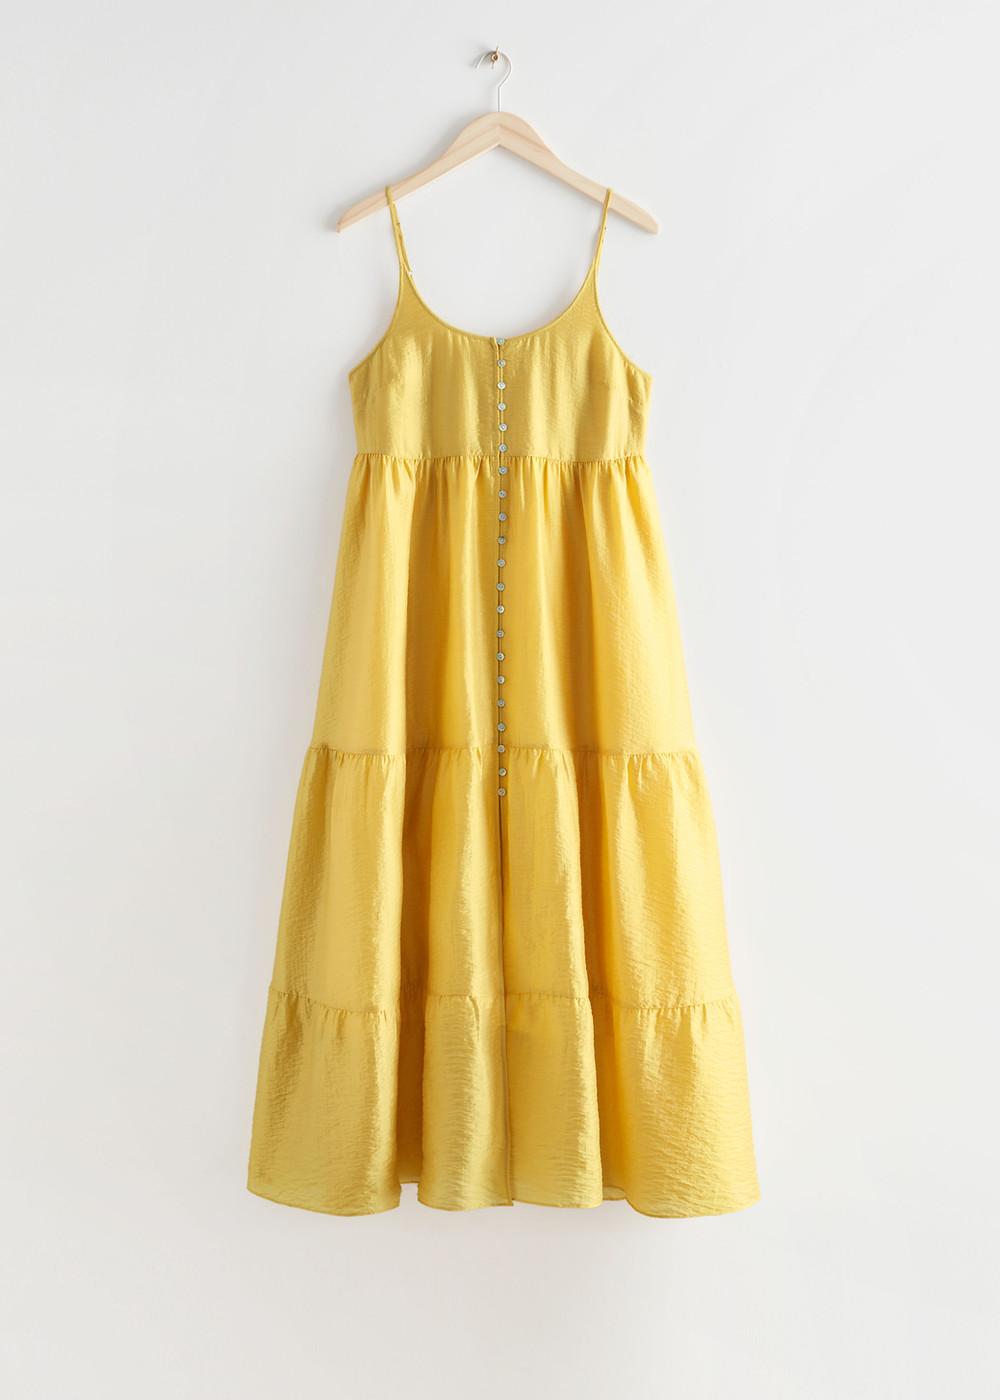 A summer staple dress